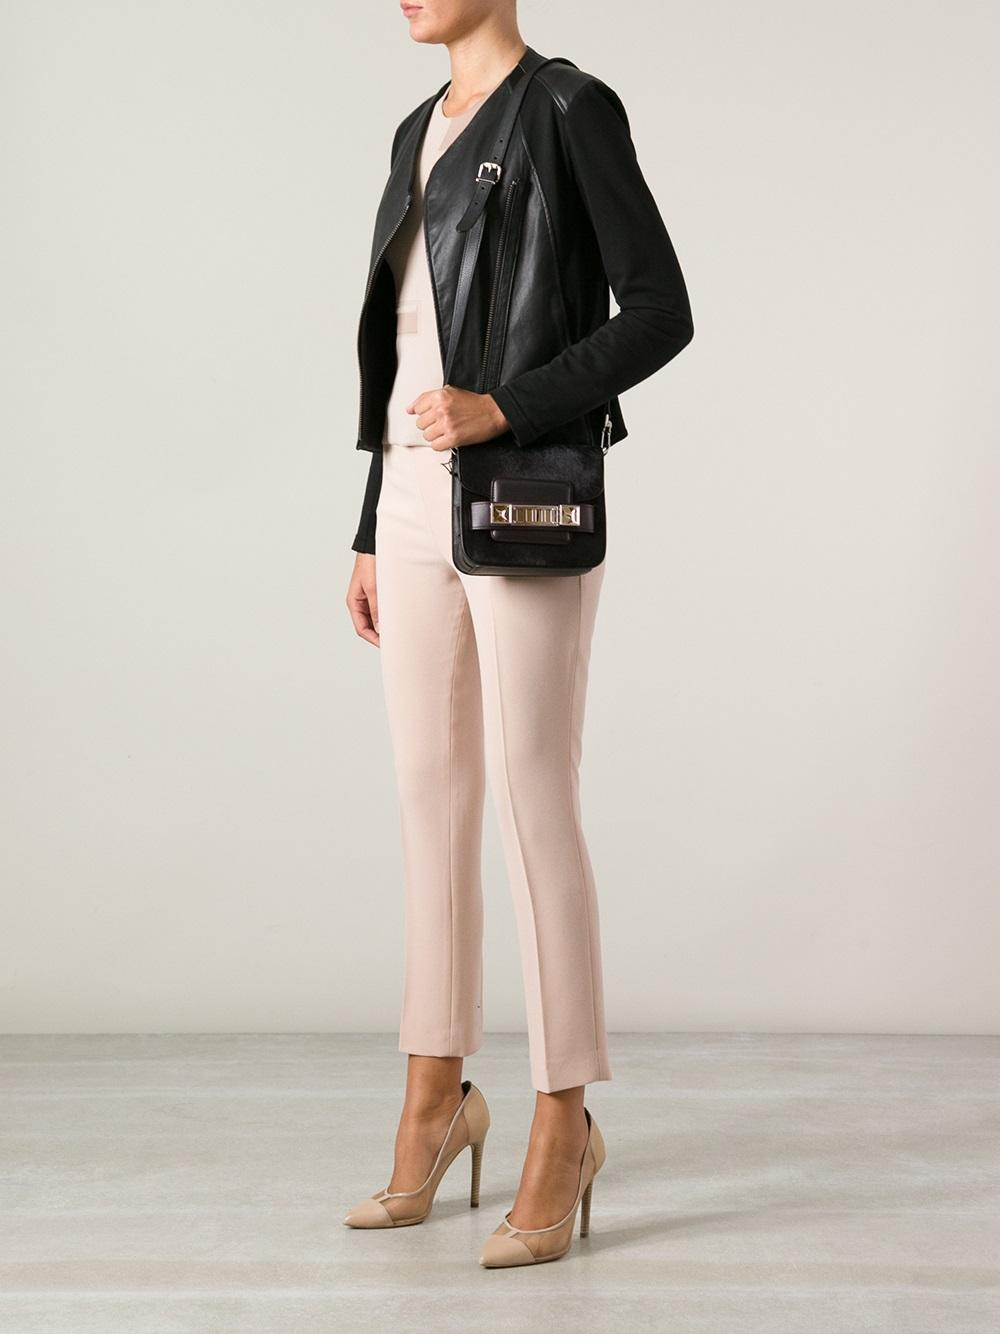 Ps11 Mini Leather Shoulder Bag - Black Proenza Schouler 4DH1QSad